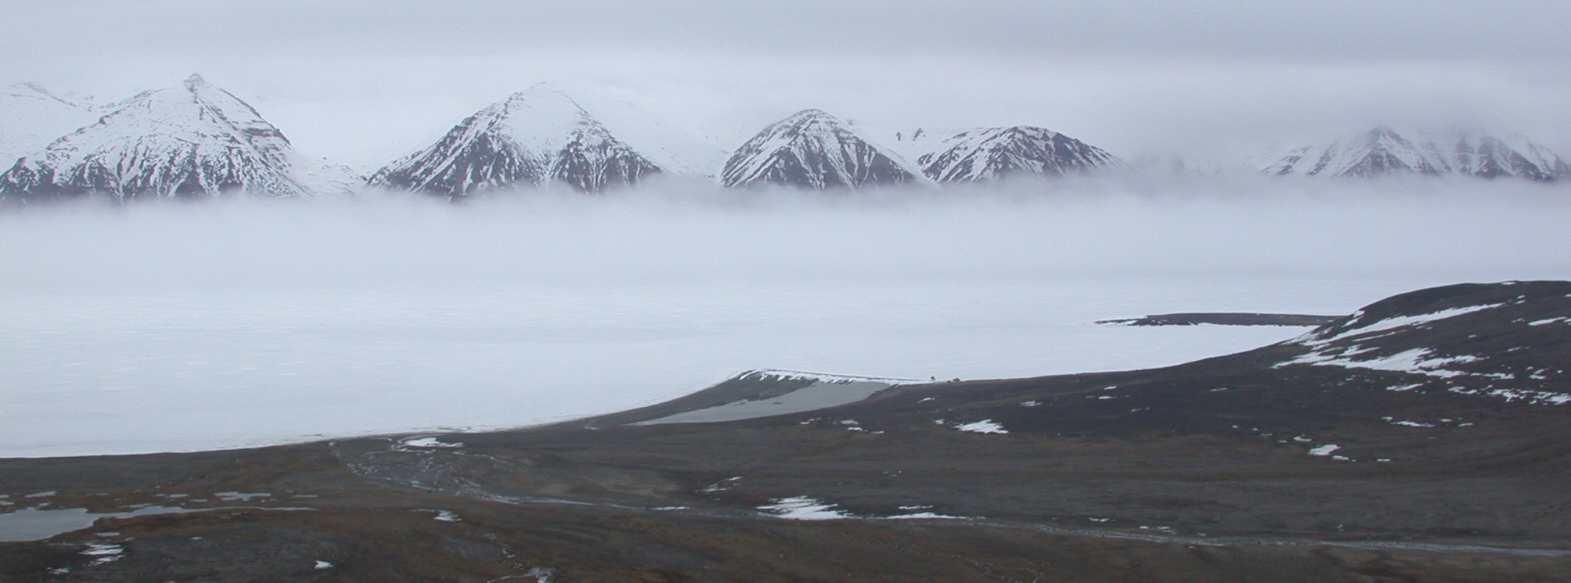 Slik er det hos oss om dagen.  Bart på bakken, is på fjorden, grått i lufta.  Kjøttstativet og hytta skimtes midt på bildet.